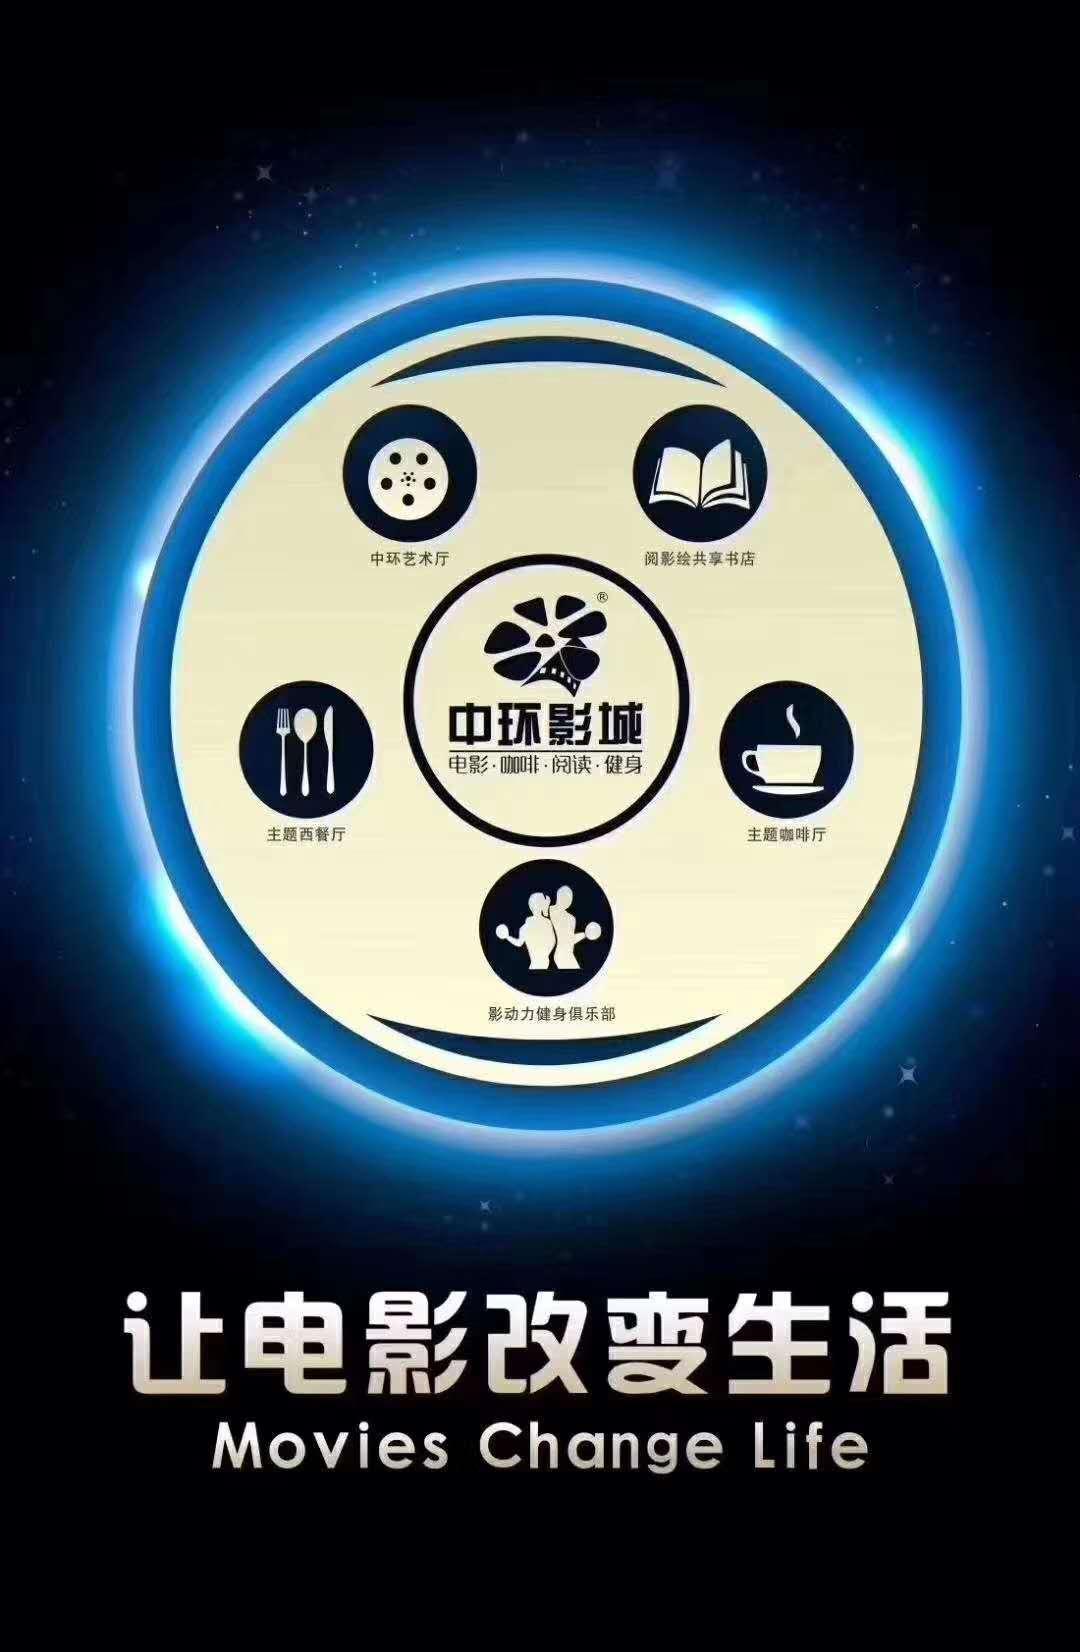 广元市中环影城管理有限公司